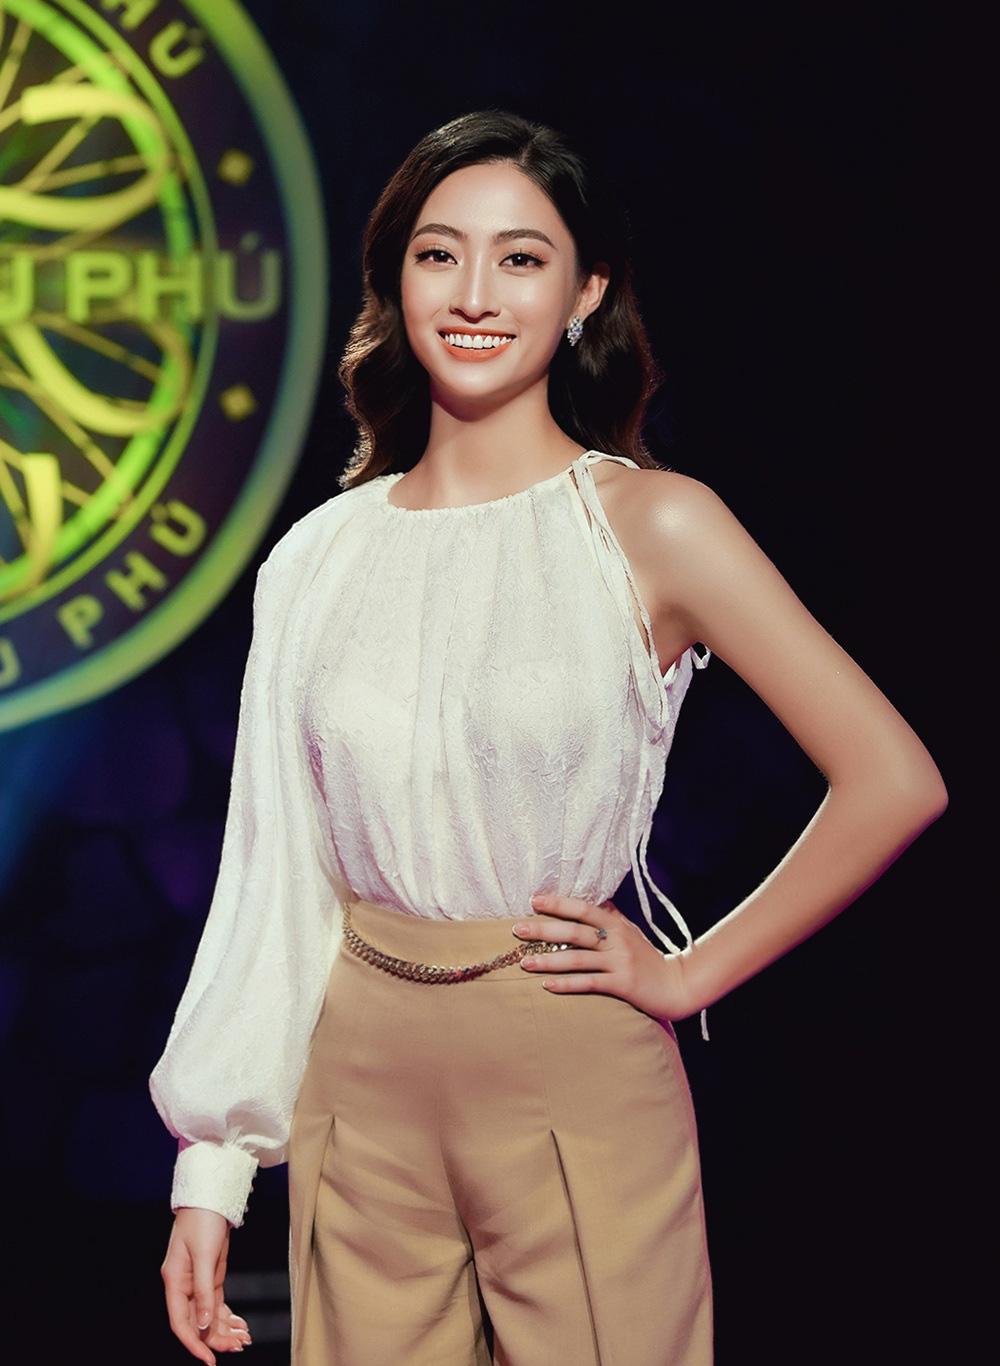 """Clip Hoa hậu Lương Thùy Linh trả lời đúng 7 câu hỏi liên tiếp """"Ai là triệu phú"""", fan ngưỡng mộ - Ảnh 2."""